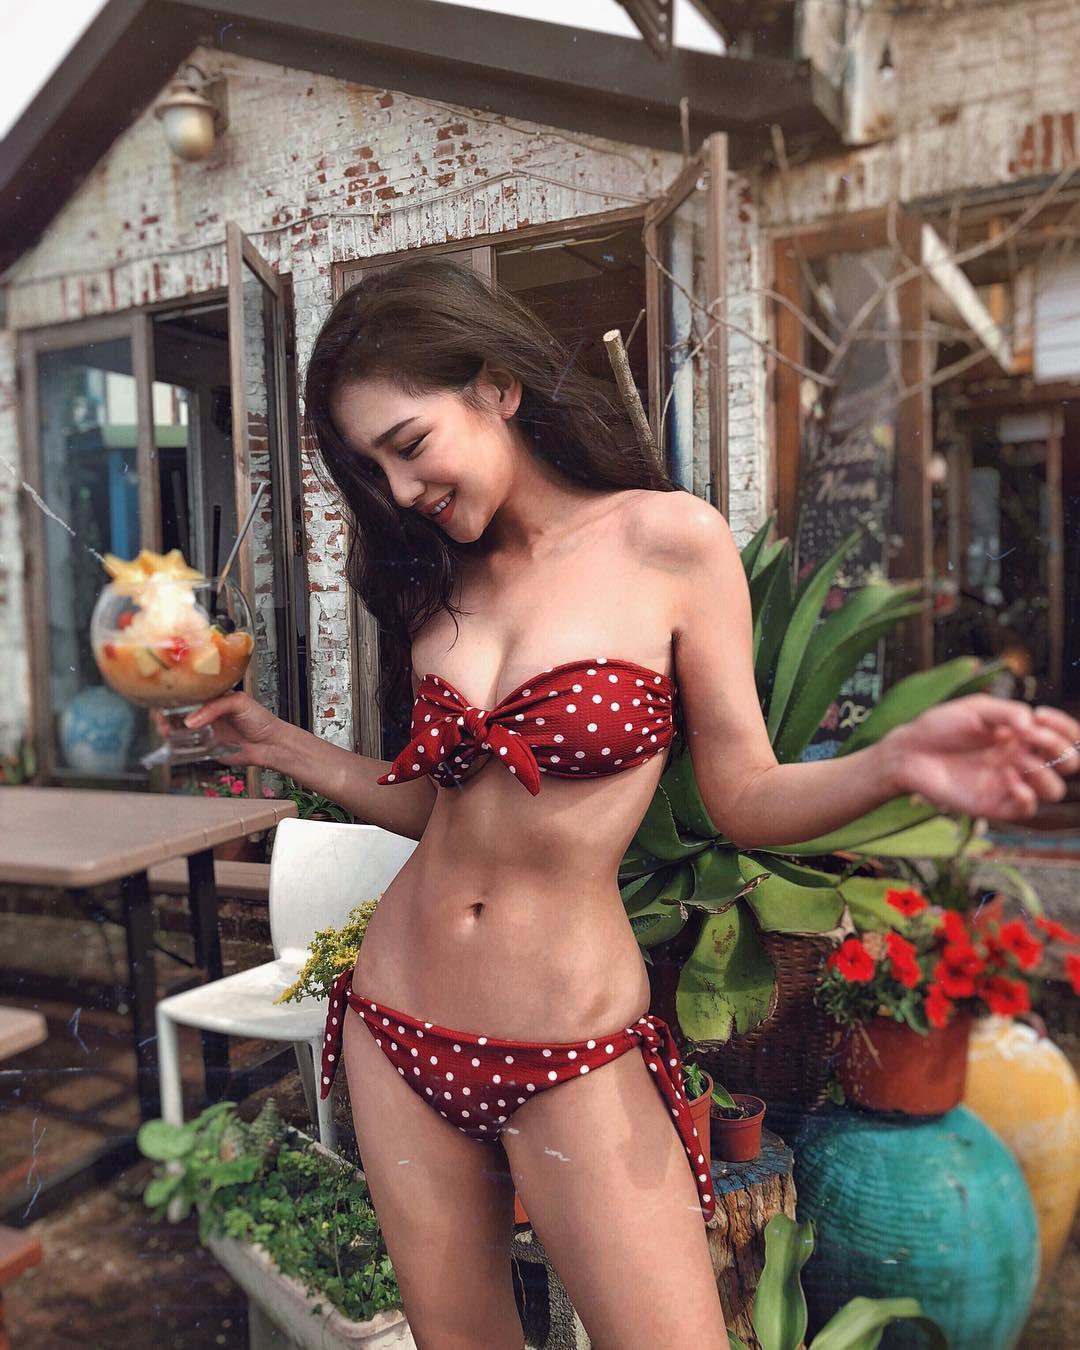 Mỹ nữ Đài Loan sở hữu mặt xinh dáng chuẩn hút mọi ánh nhìn - 12